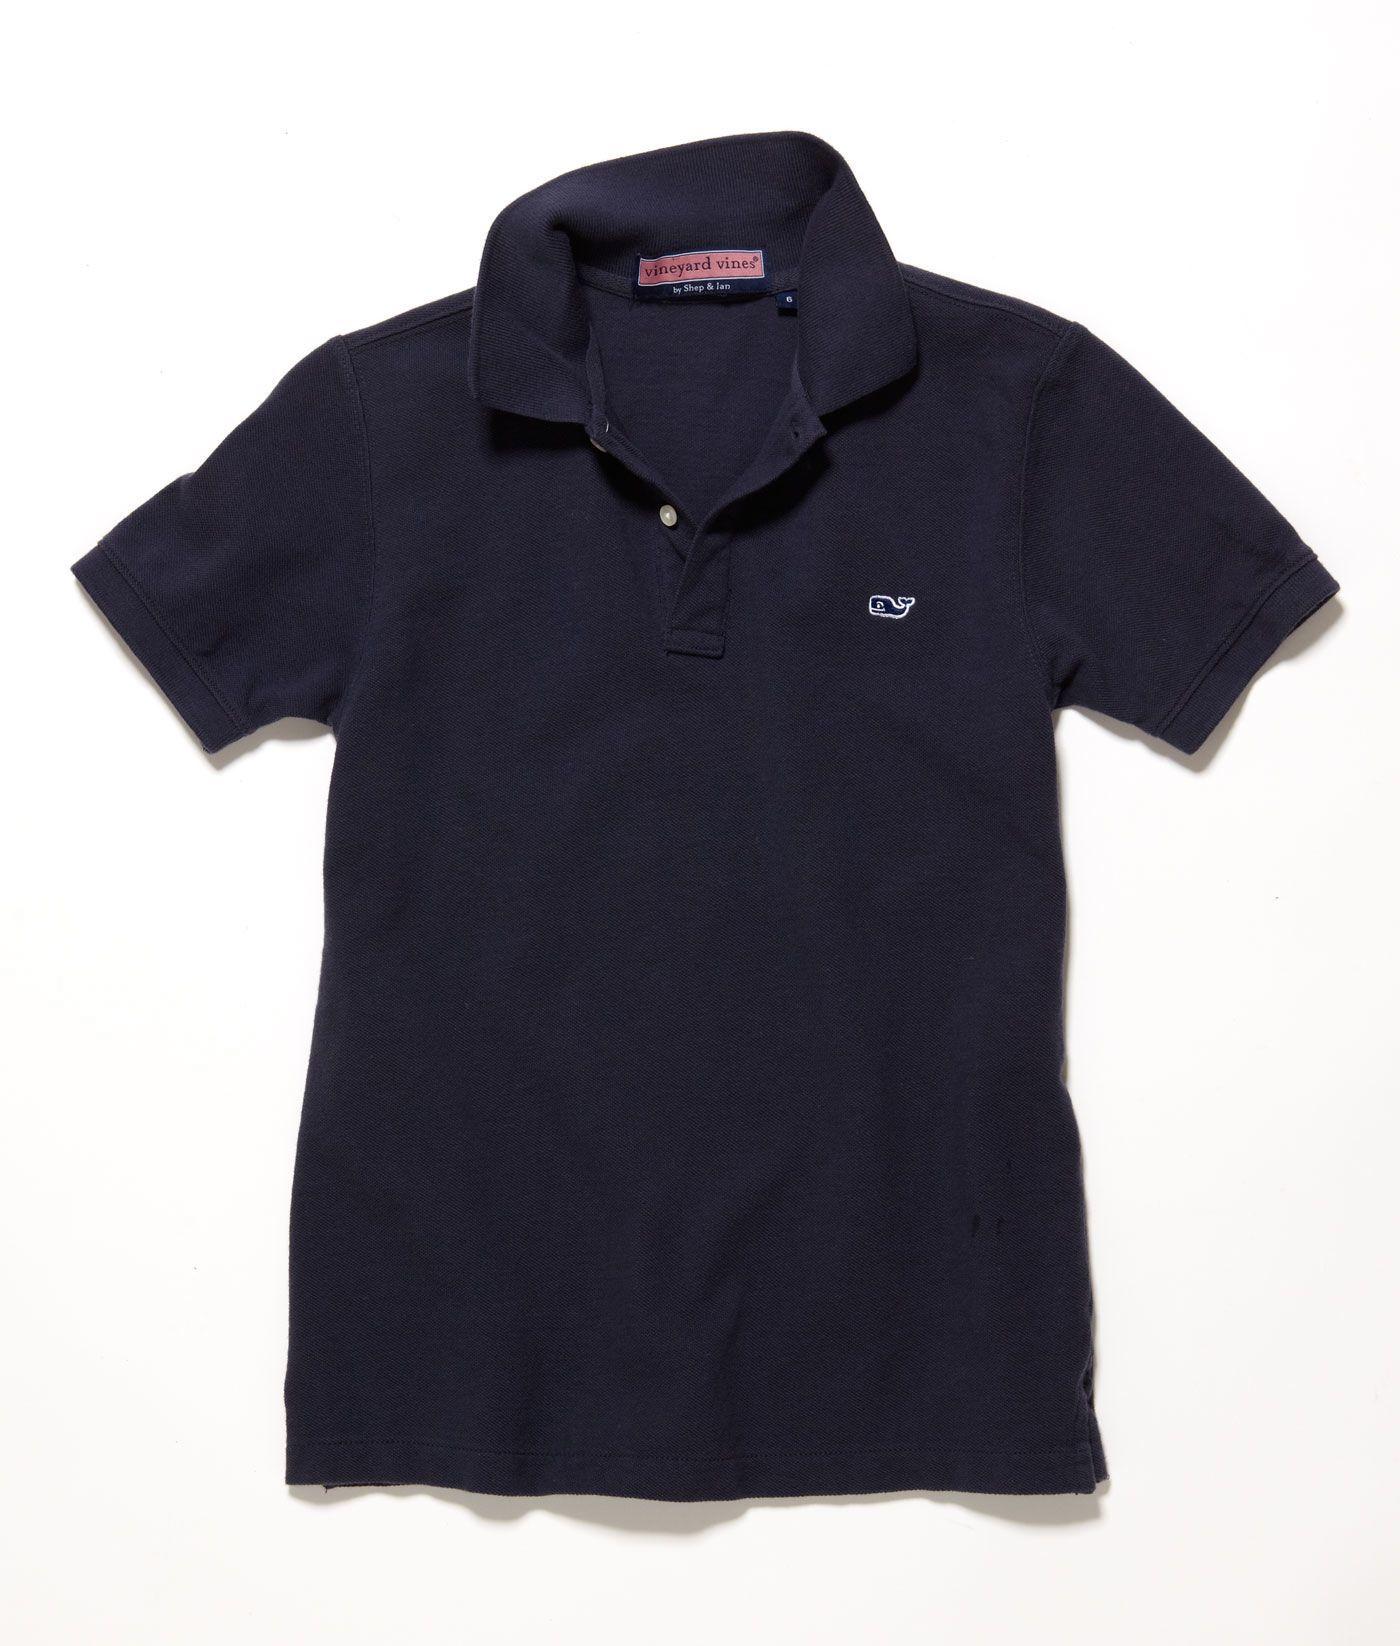 Shop Boys Polo Shirts: Classic Pique Polo for Boys | Vineyard Vines | Polo  boys, Boys polo shirt, Pique polo shirt